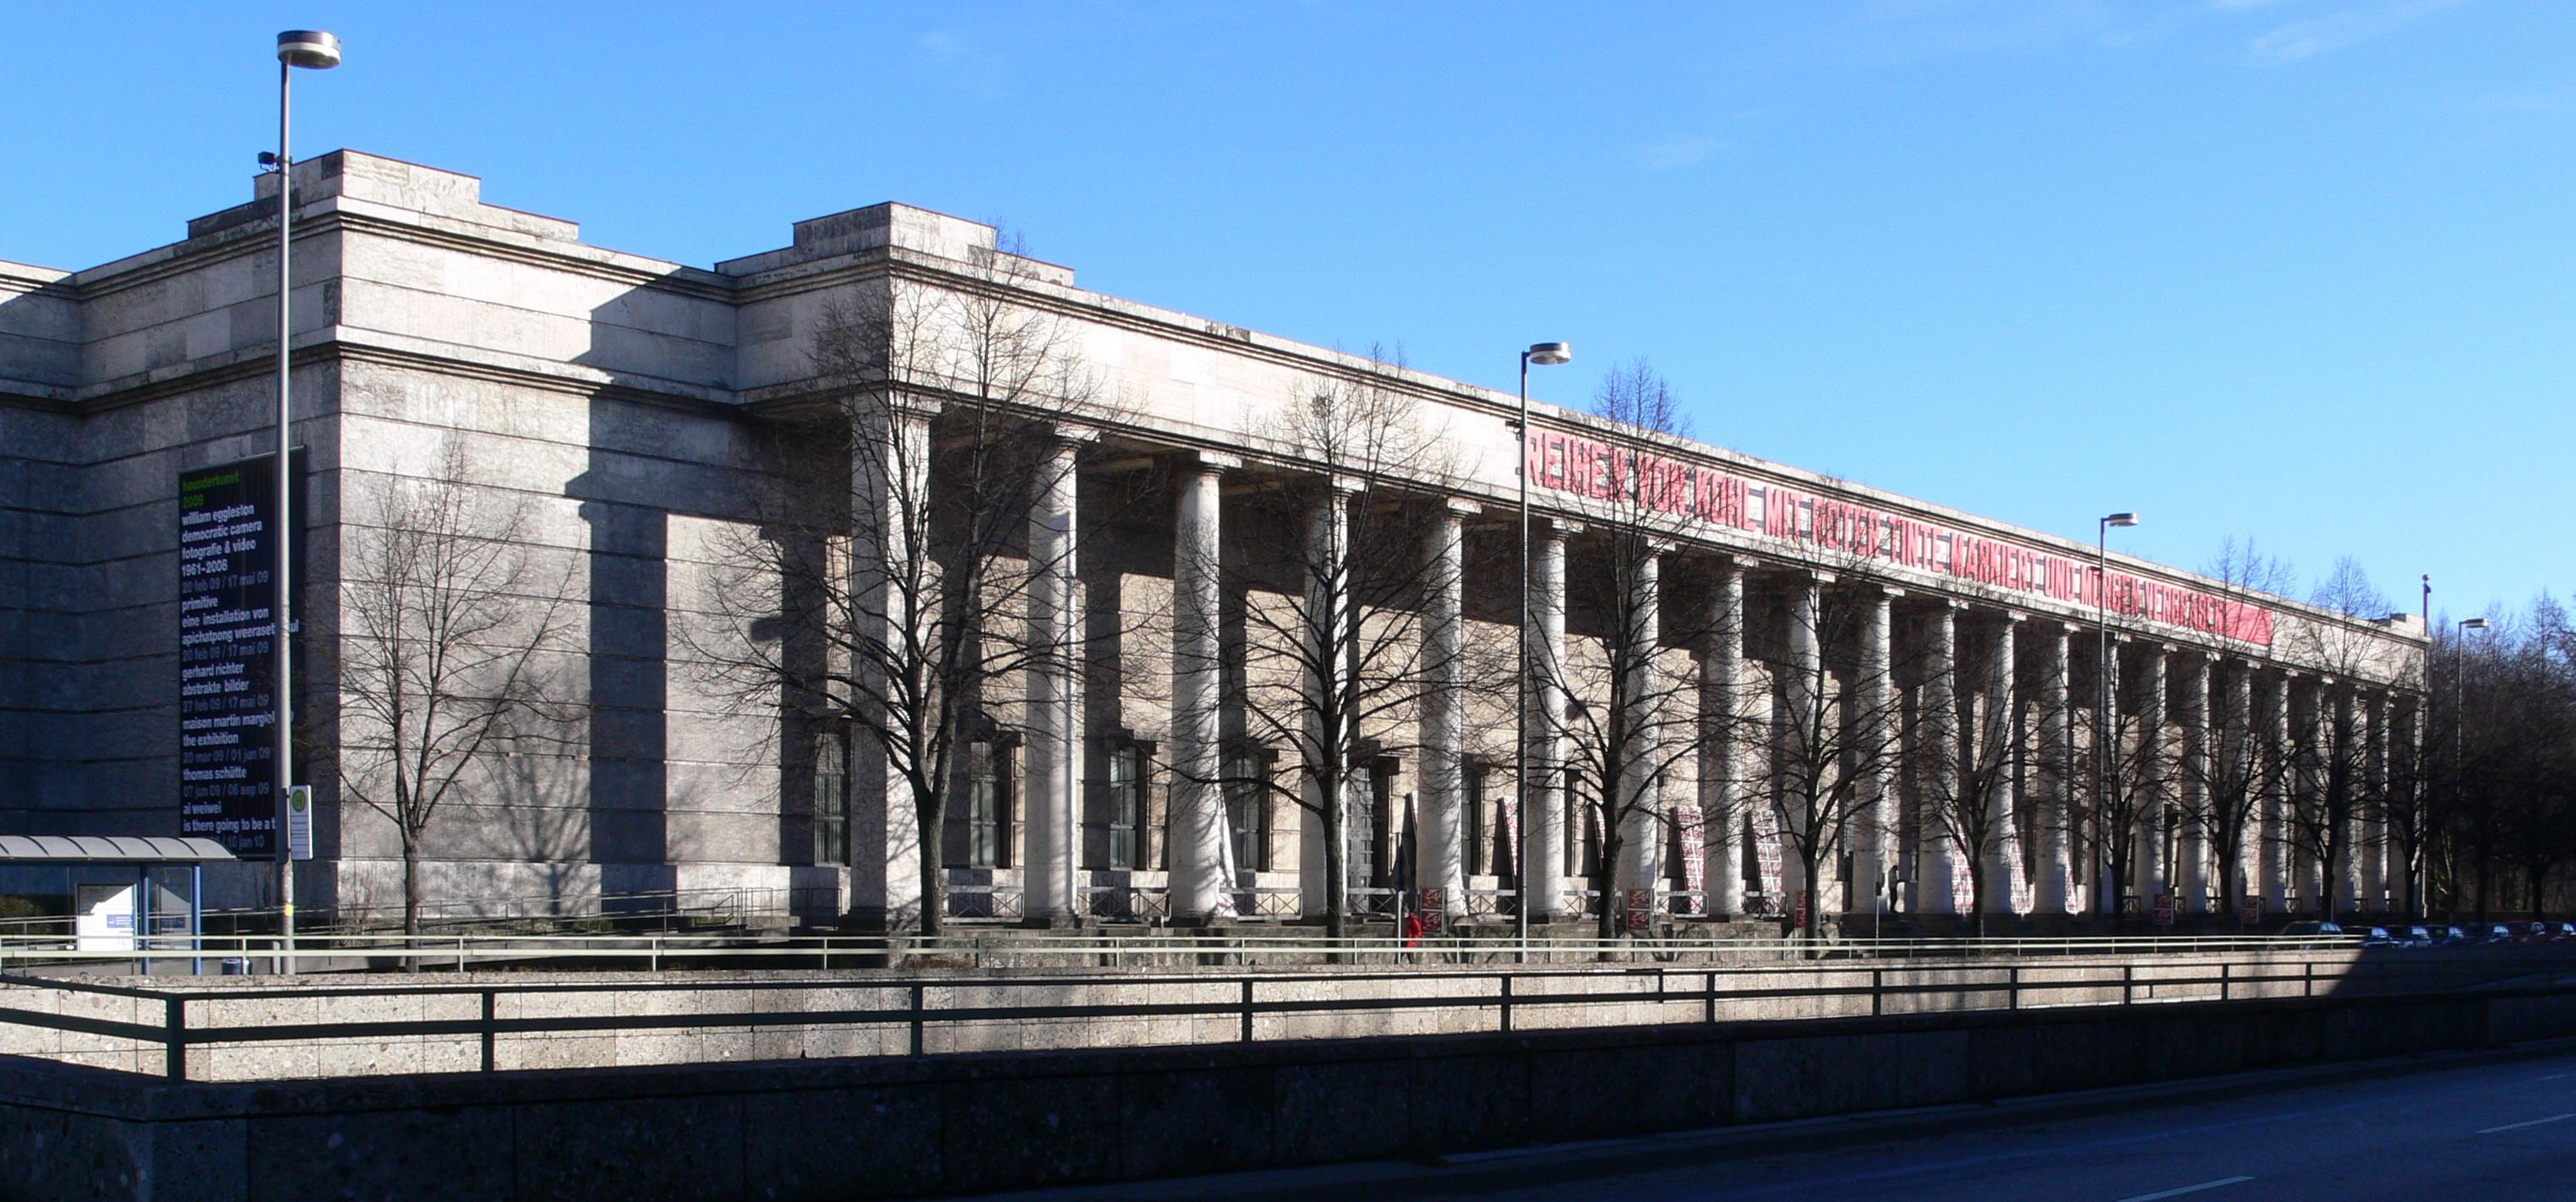 Description münchen haus der kunst 2009